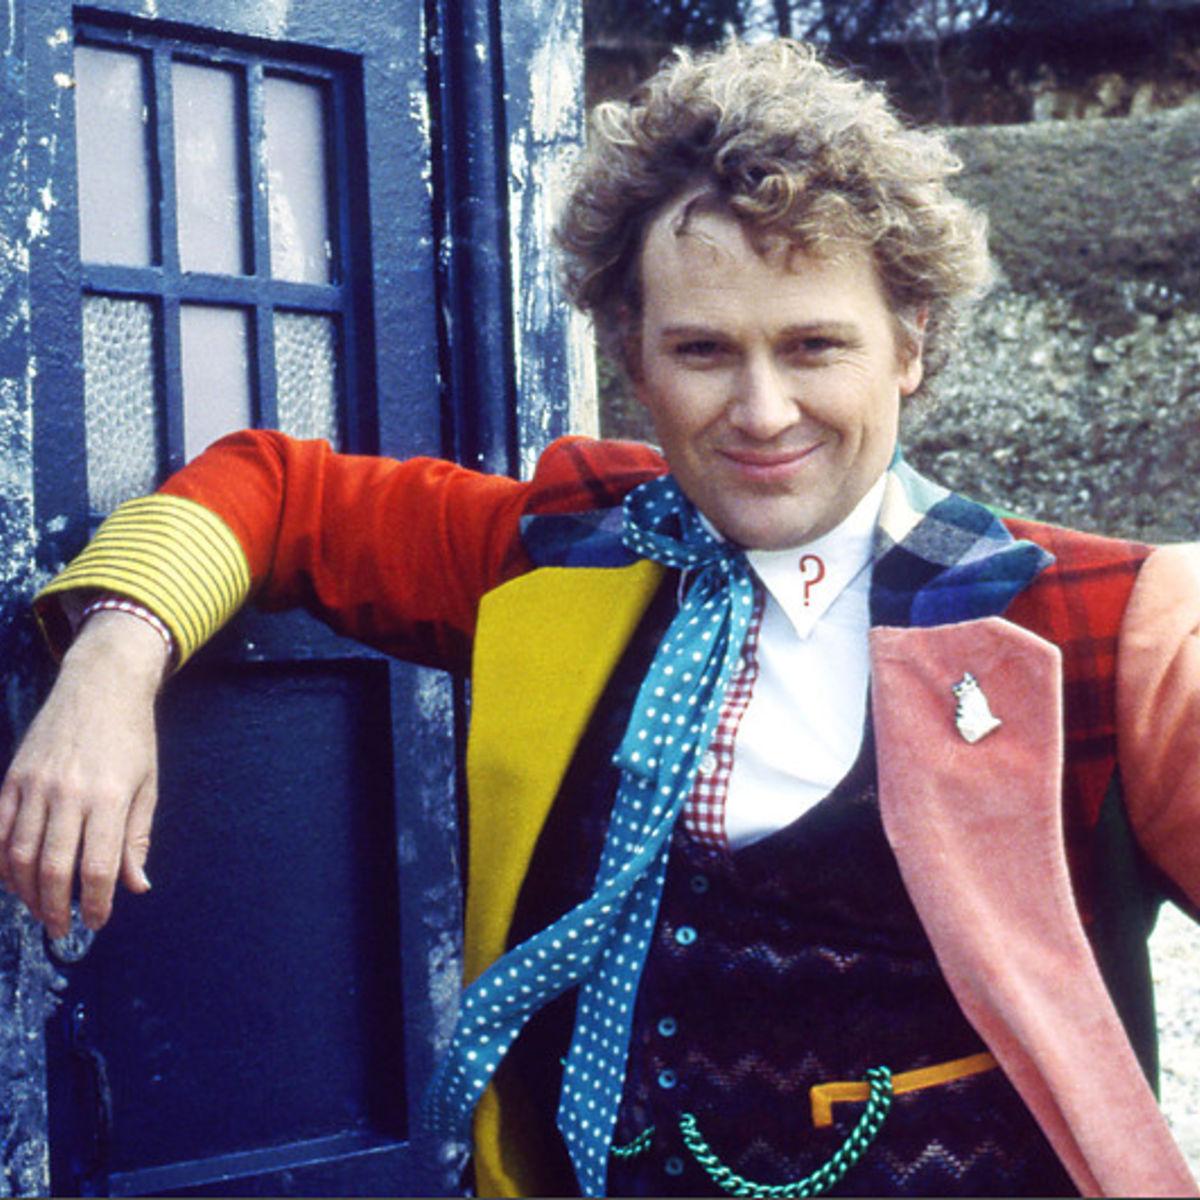 Colin-Baker-Doctor-who.jpg